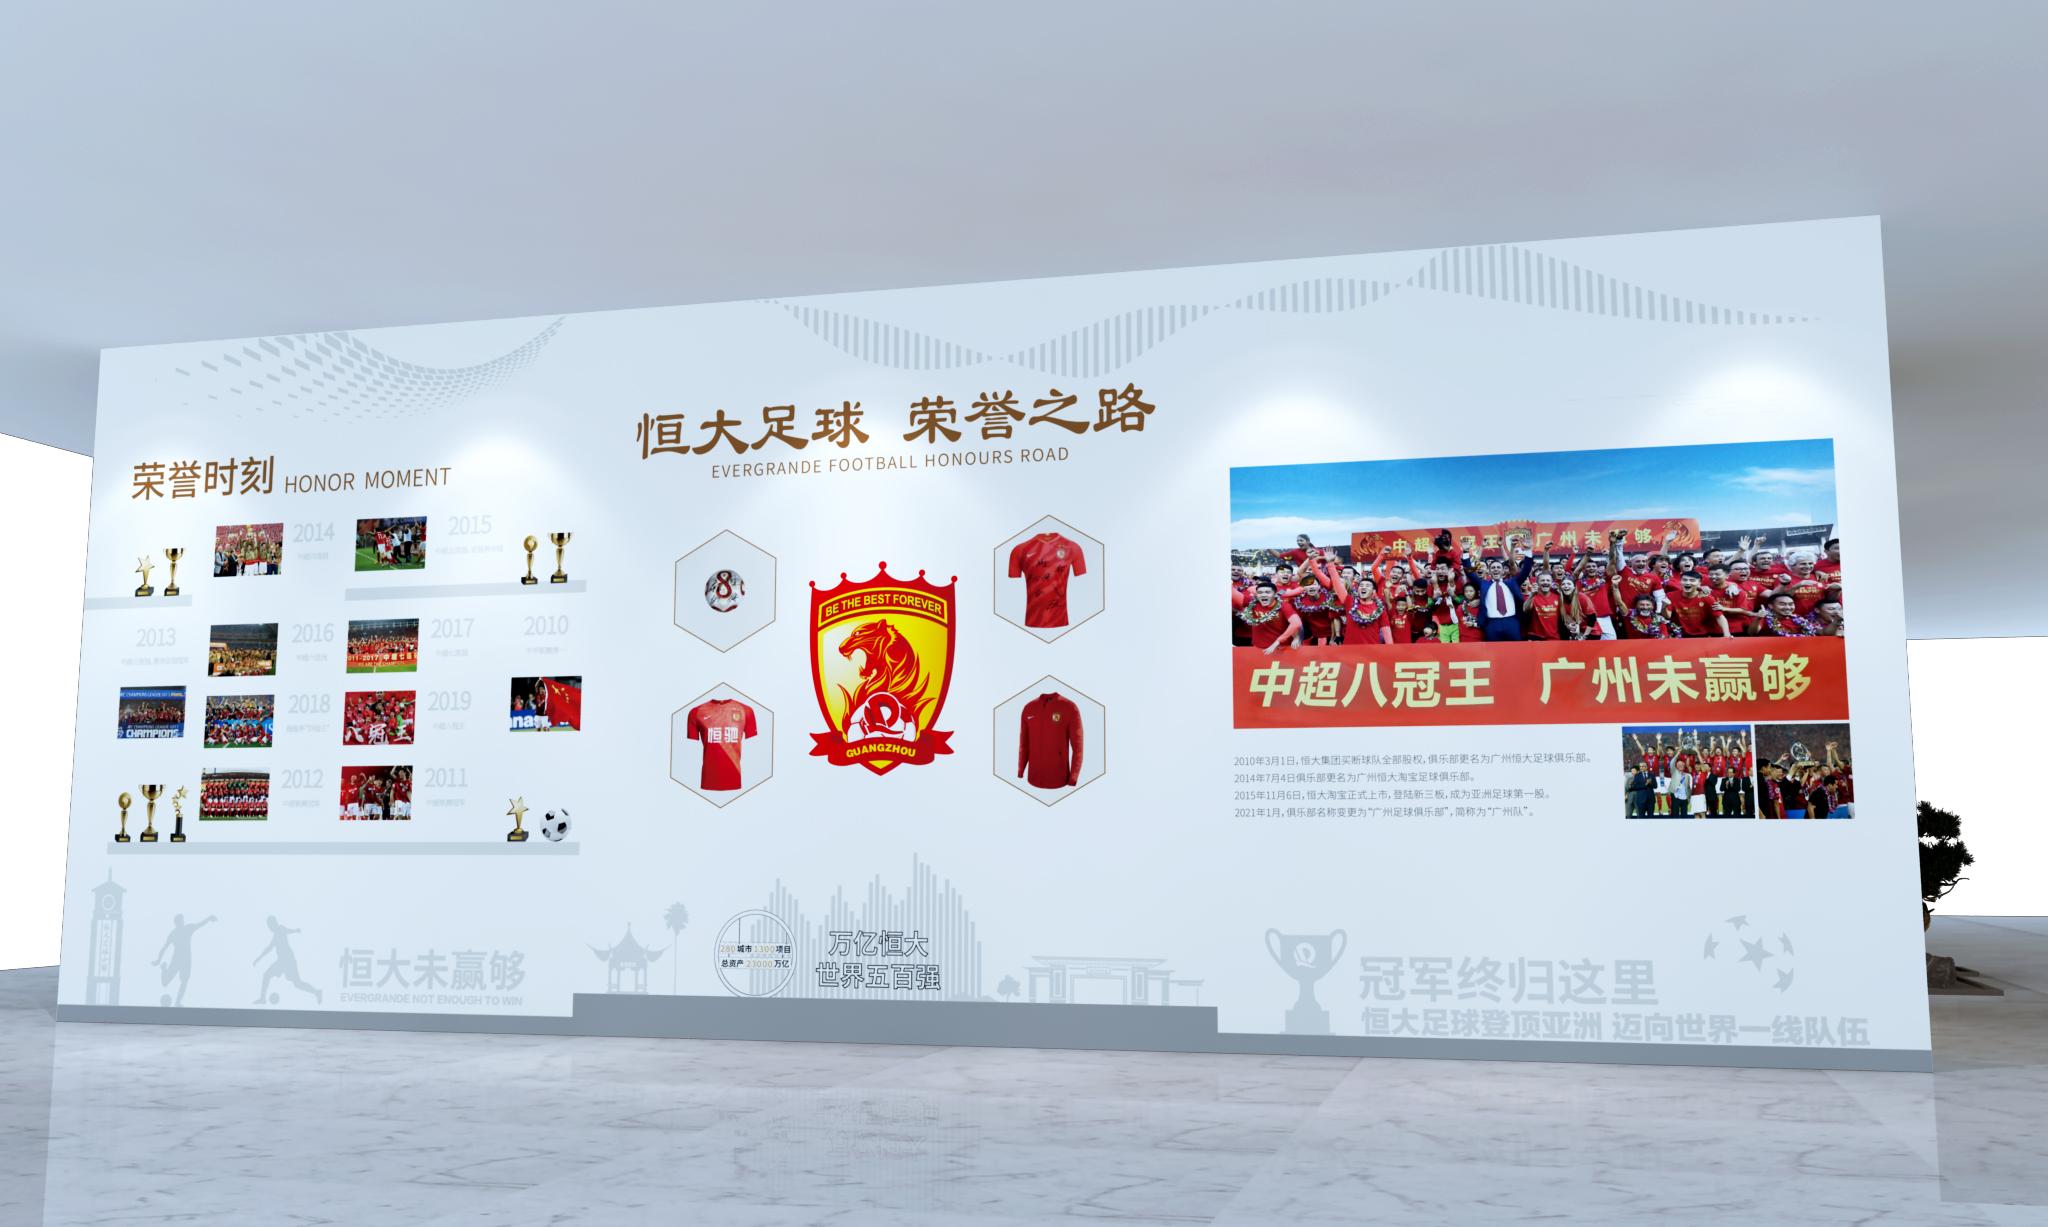 恒大足球小镇展厅设计效果图之荣誉墙设计